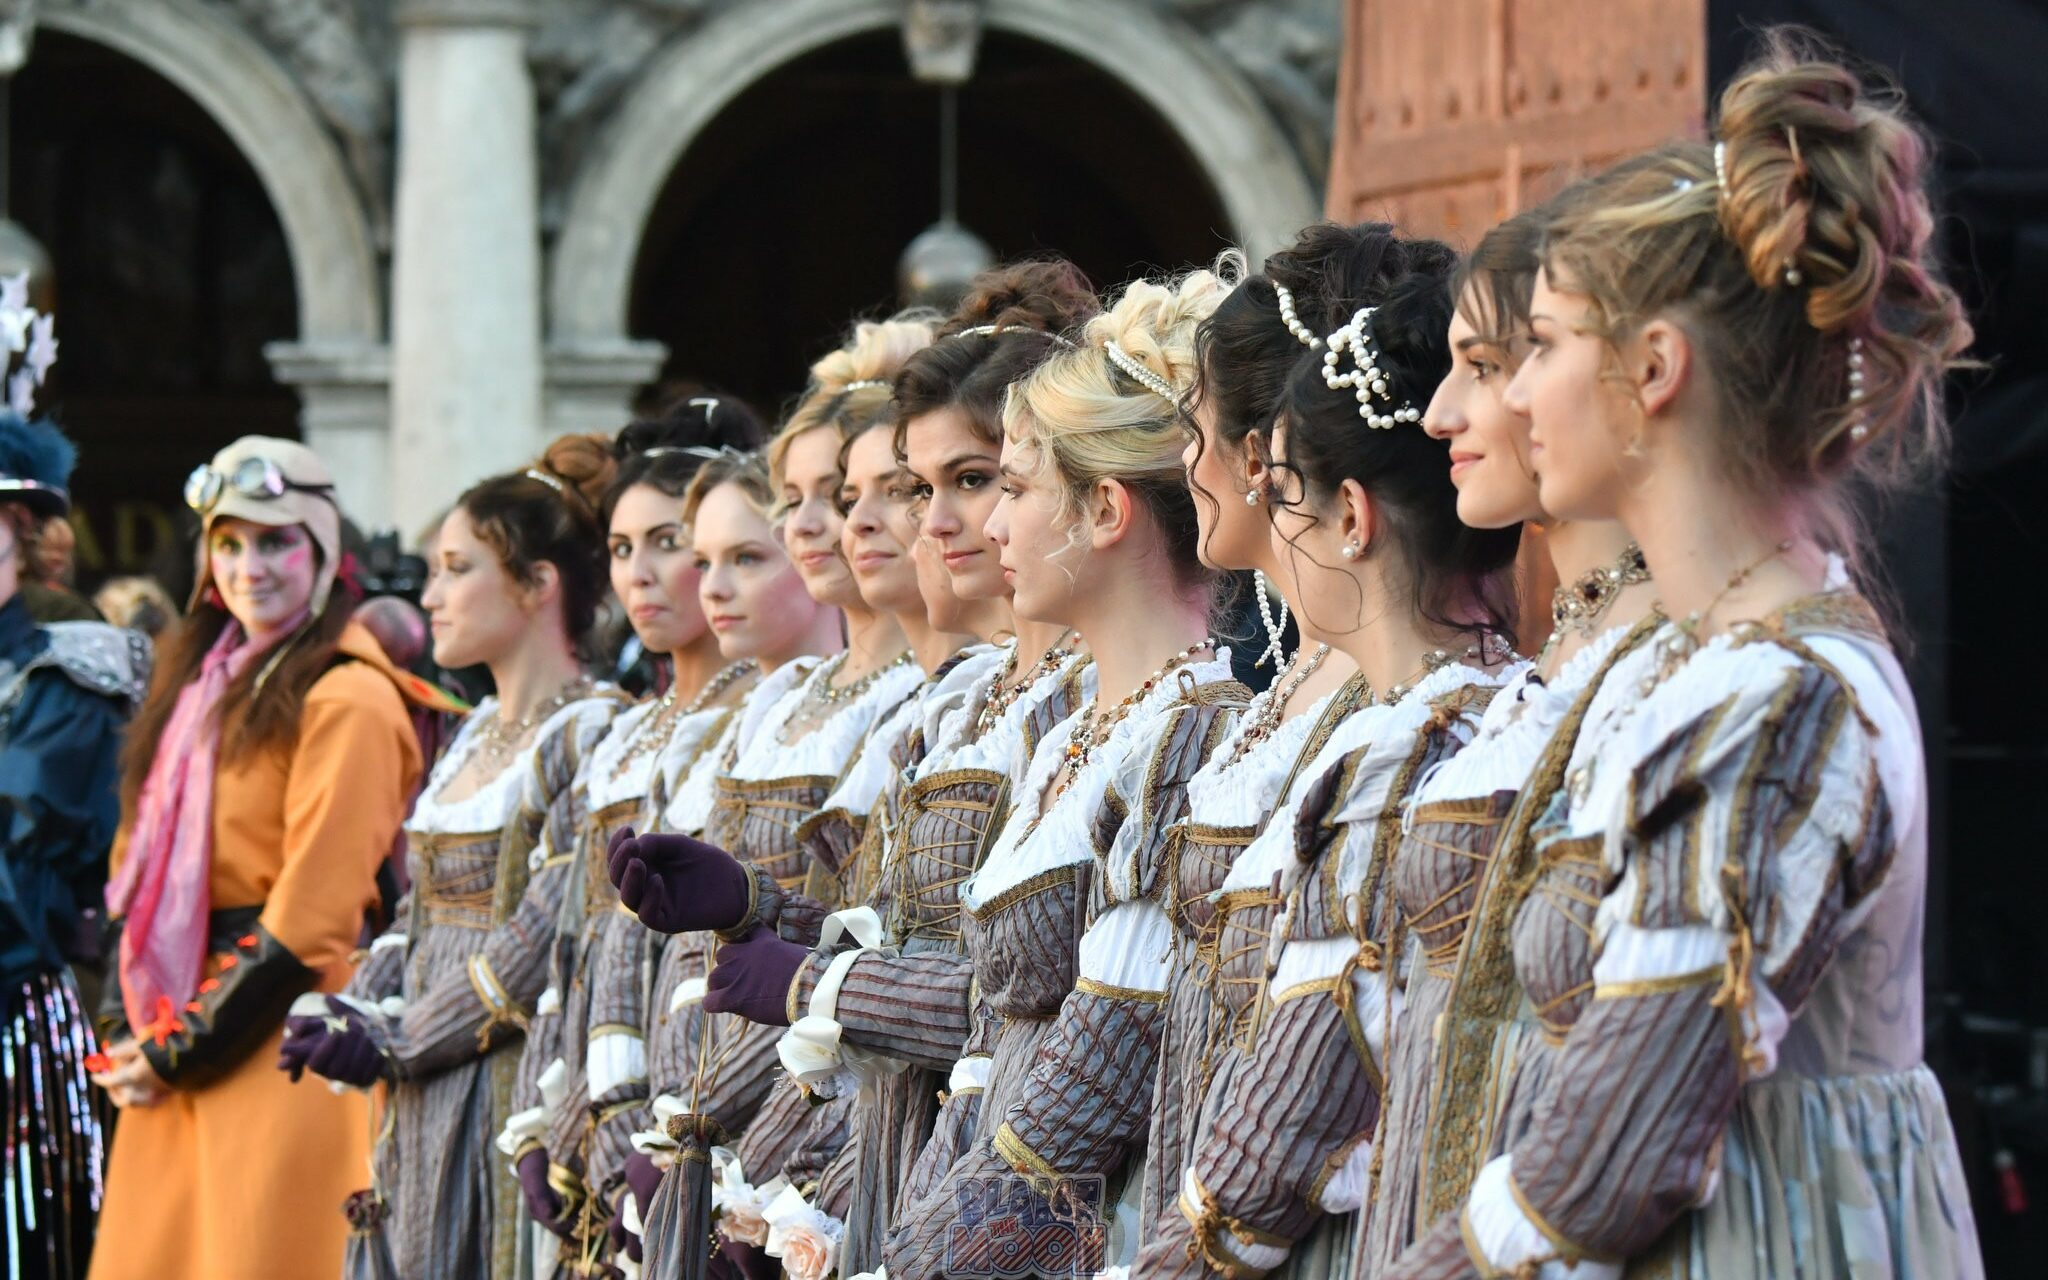 La festa delle marie - Carnevale di Venezia 2020